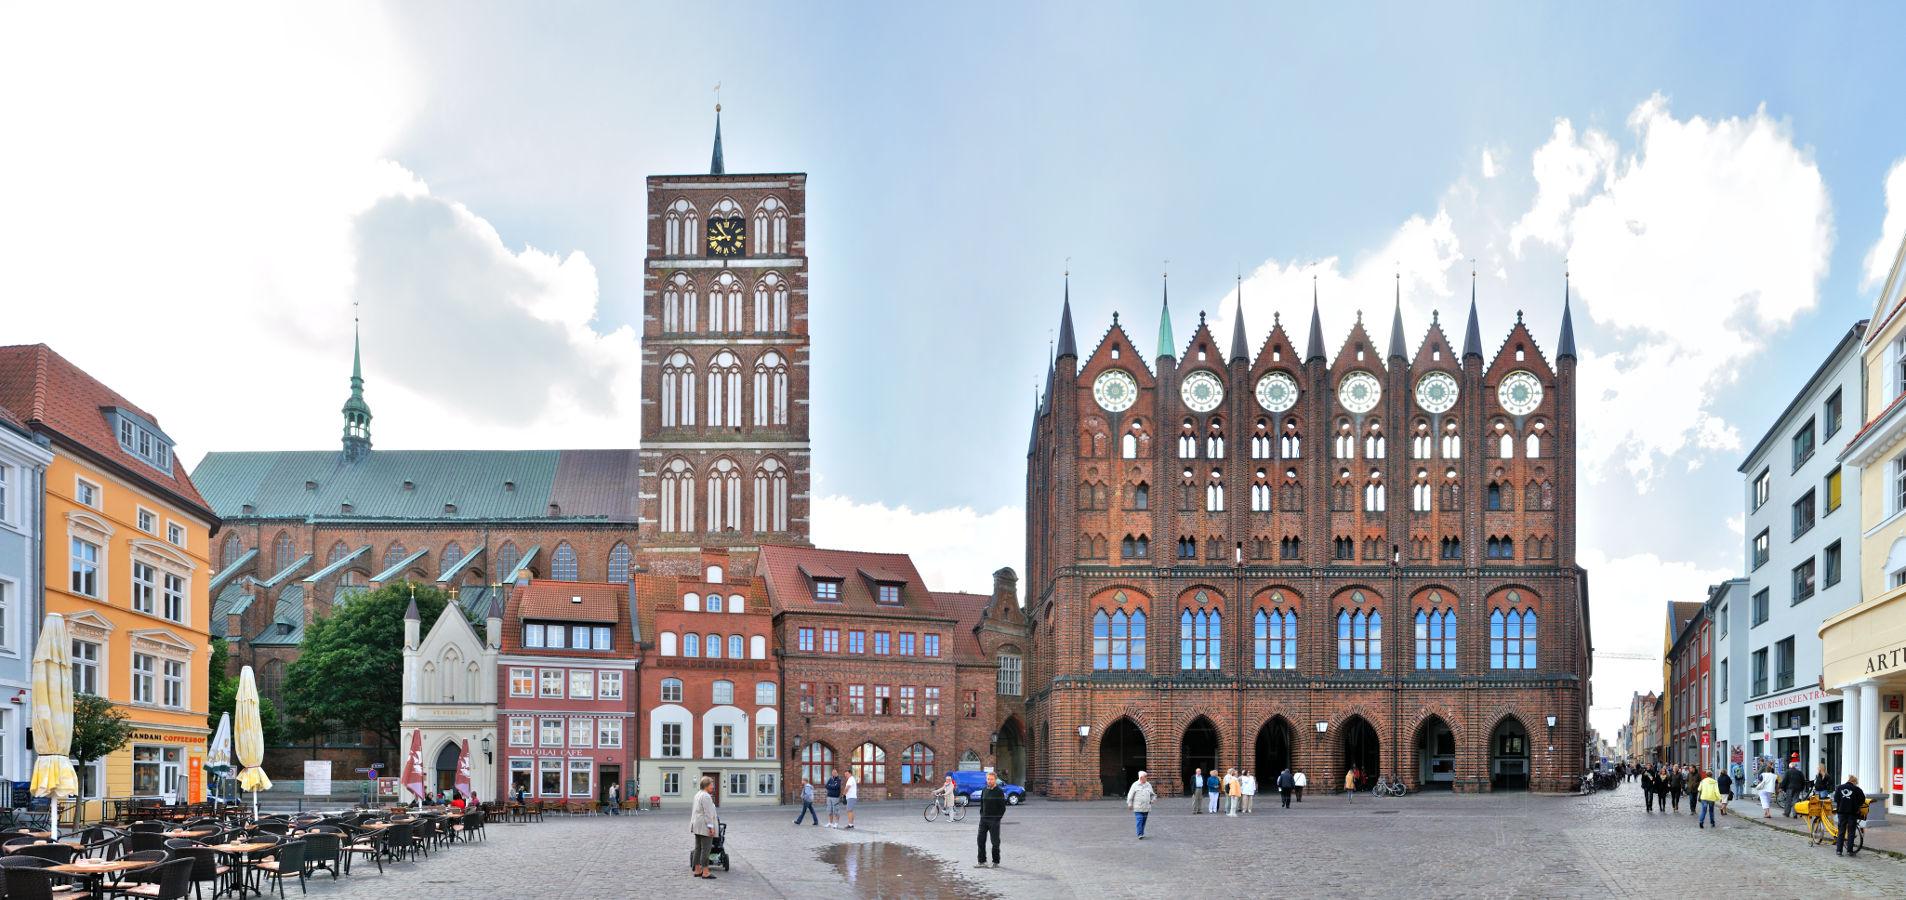 Alter Markt Stralsunder Rathaus Nikolaikirche Panoramastreetline